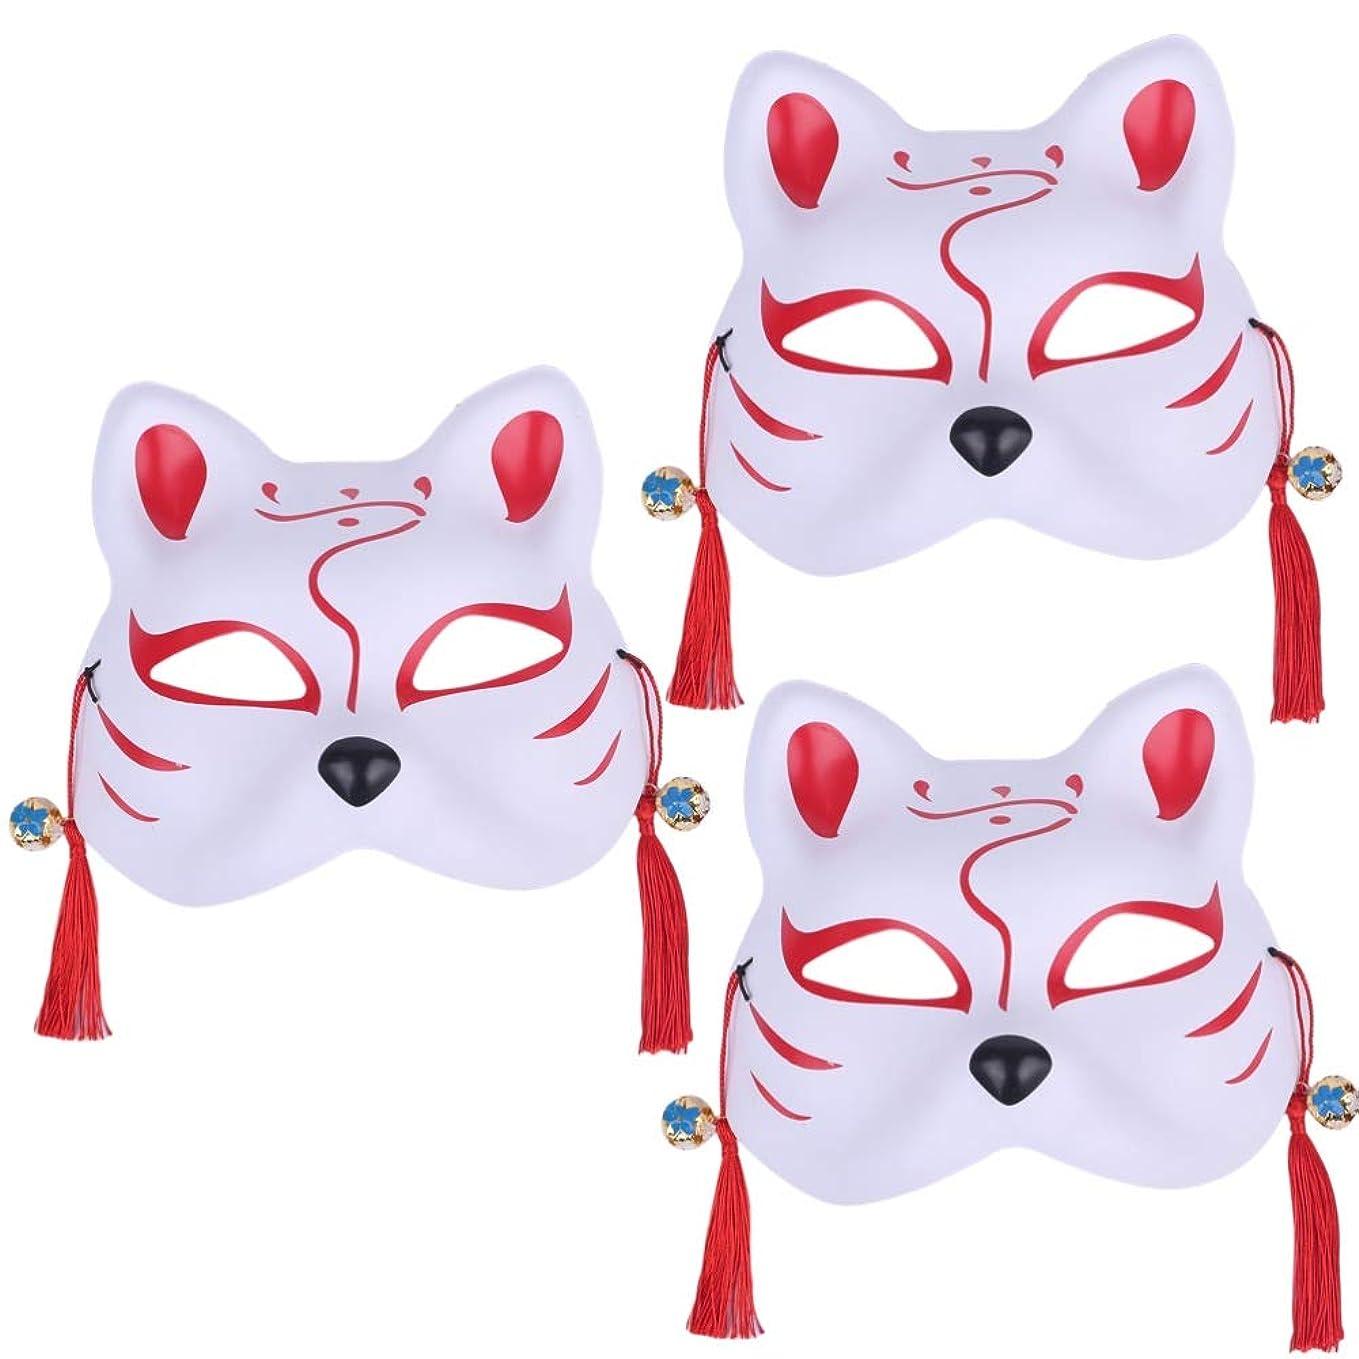 データム気まぐれなスリット[ルボナリエ] 狐 お 面 半面 きつね マスク コスプレ 仮装 小物 ハロウィン (赤, 3個)